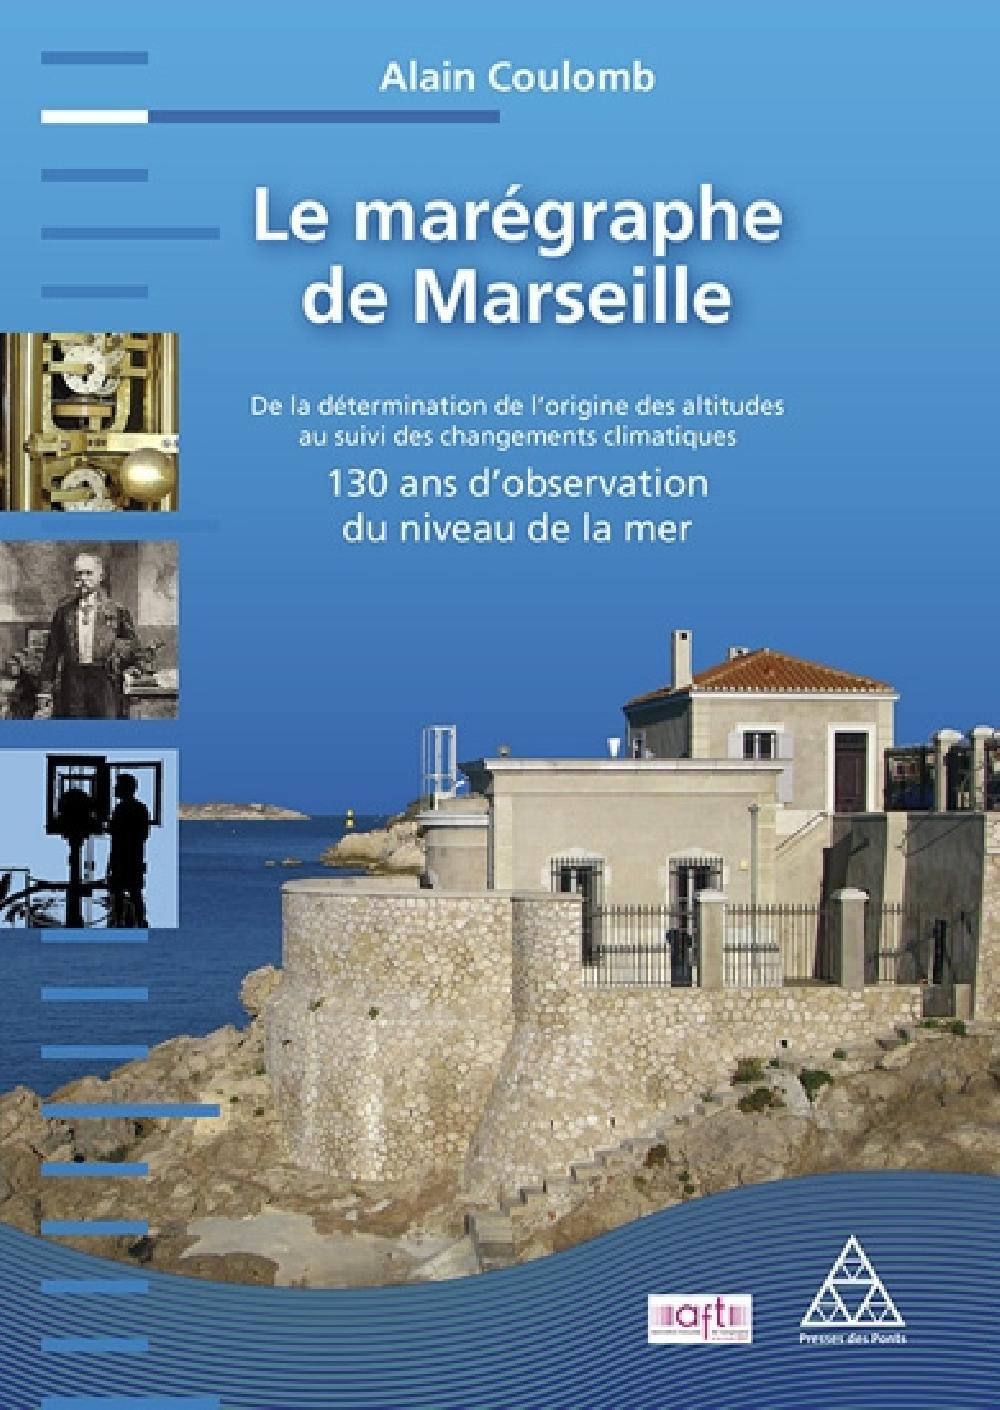 Le marégraphe de Marseille-130 ans d'observation du niveau de la mer